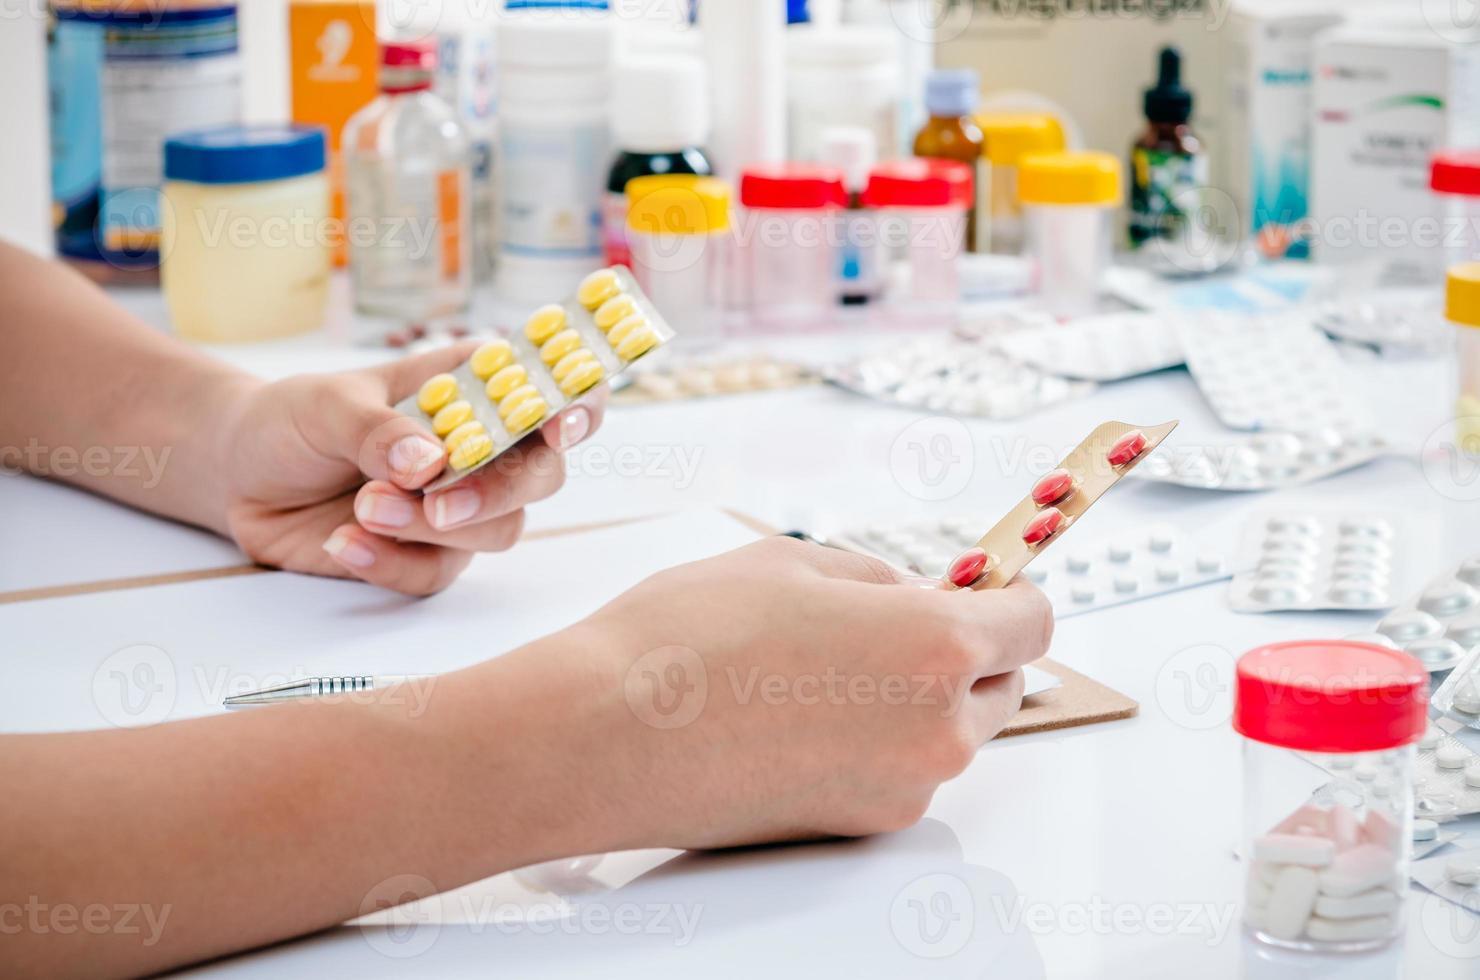 medicijn recept foto